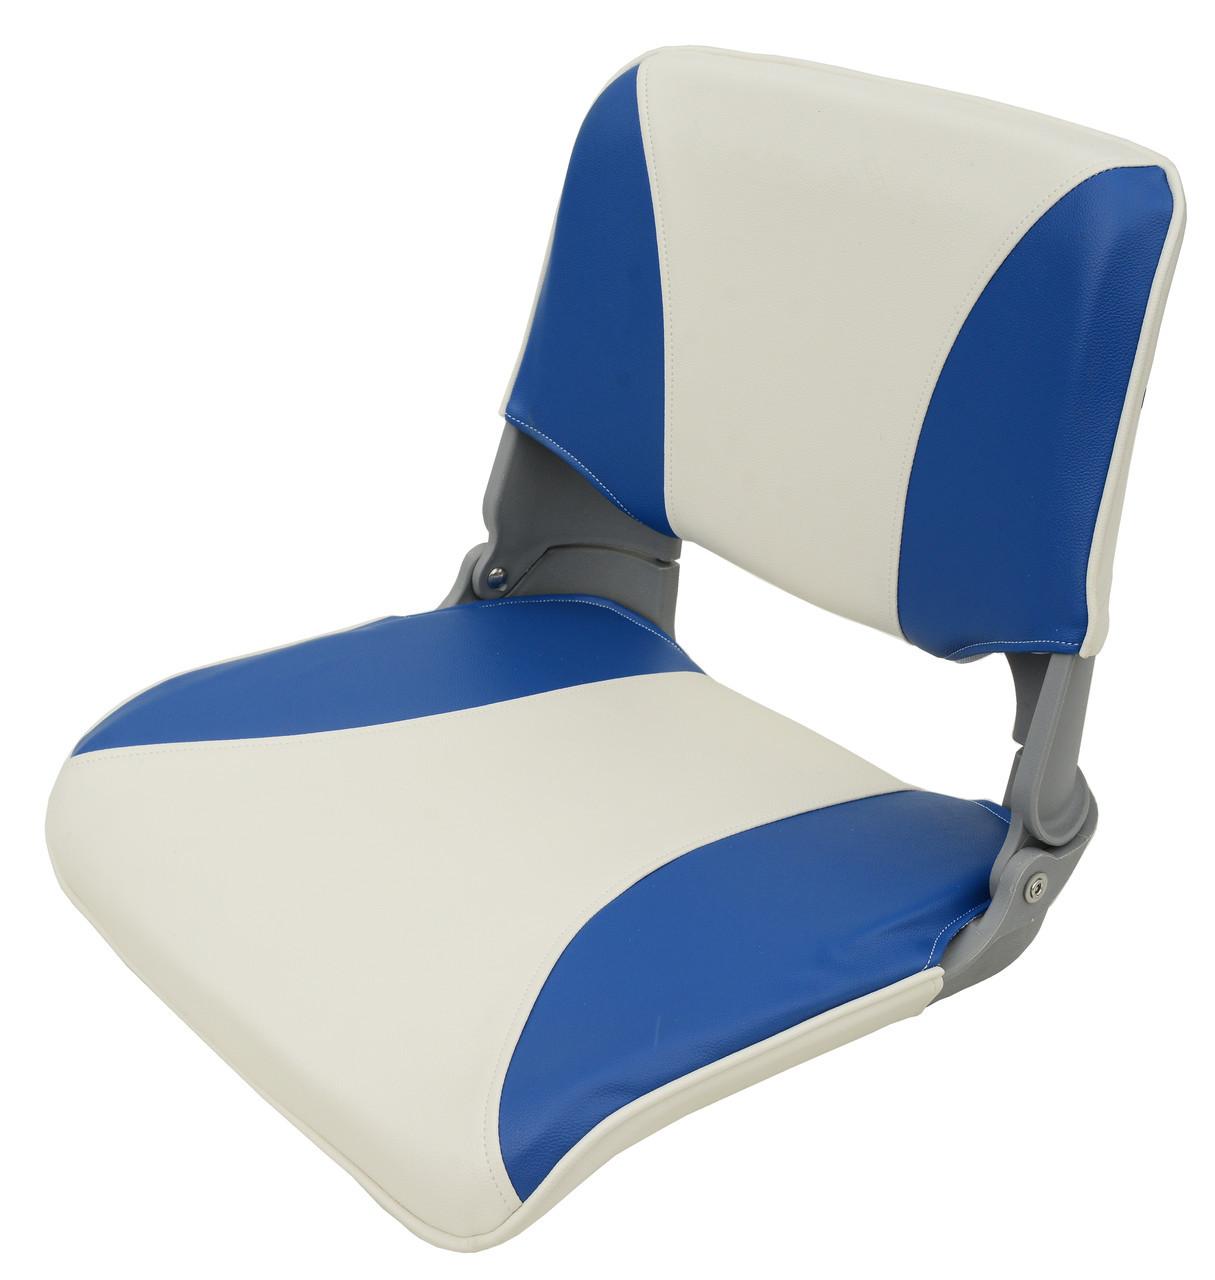 Сиденье складное для лодки и катера сине-серое AquaL 1000022